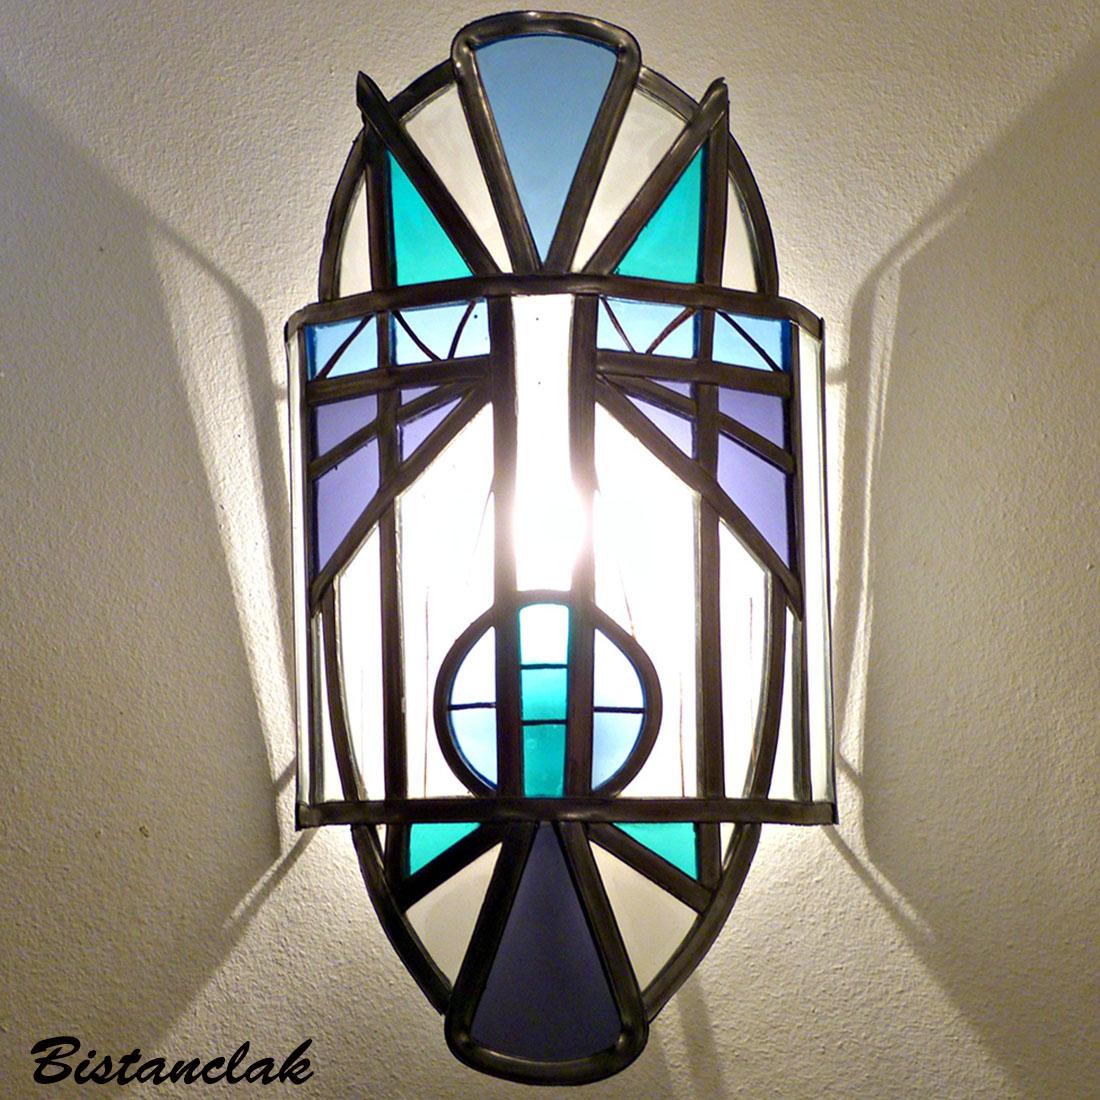 applique vitrail en forme de masque bleu, blanc et violet